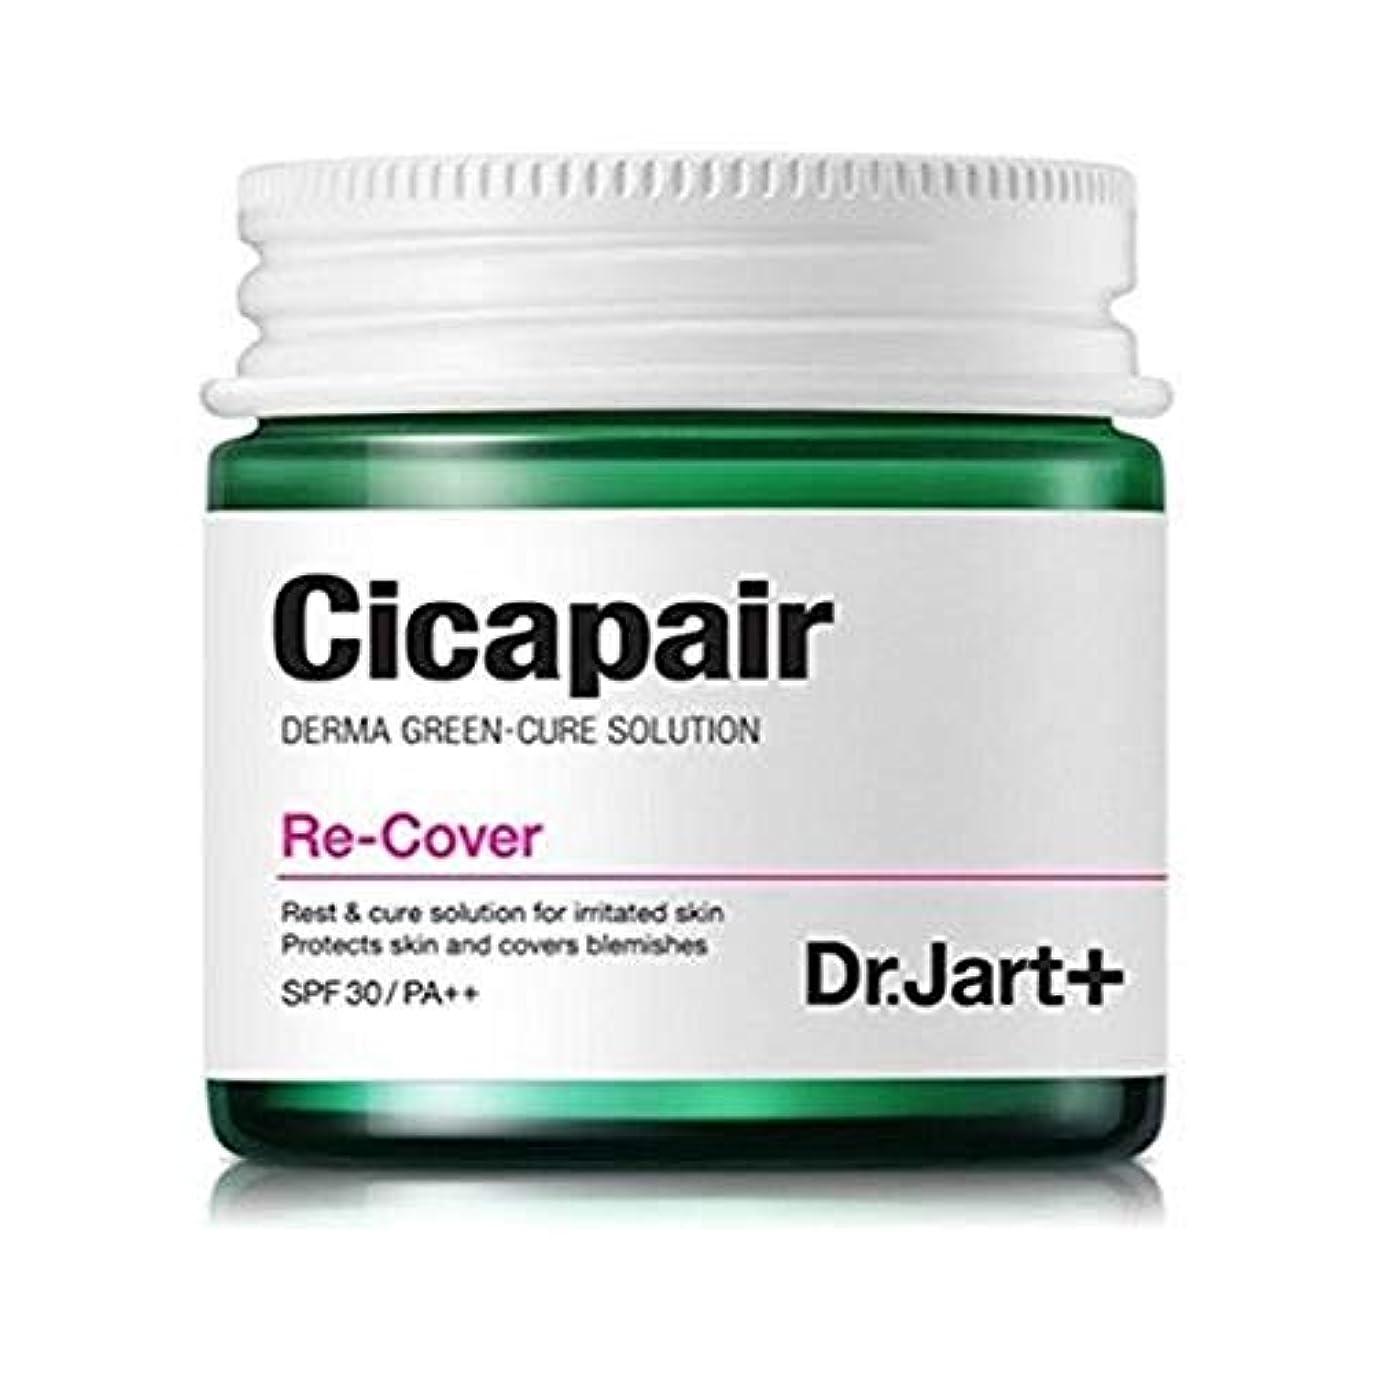 誘惑するフェデレーション洗剤[Dr.Jart+ Cicapair ReCover] ドクタ?ジャルトシカペアリカバ? 皮膚回復と保護紫?線カット ?砂ケア 韓?直送 SPF30/PA++